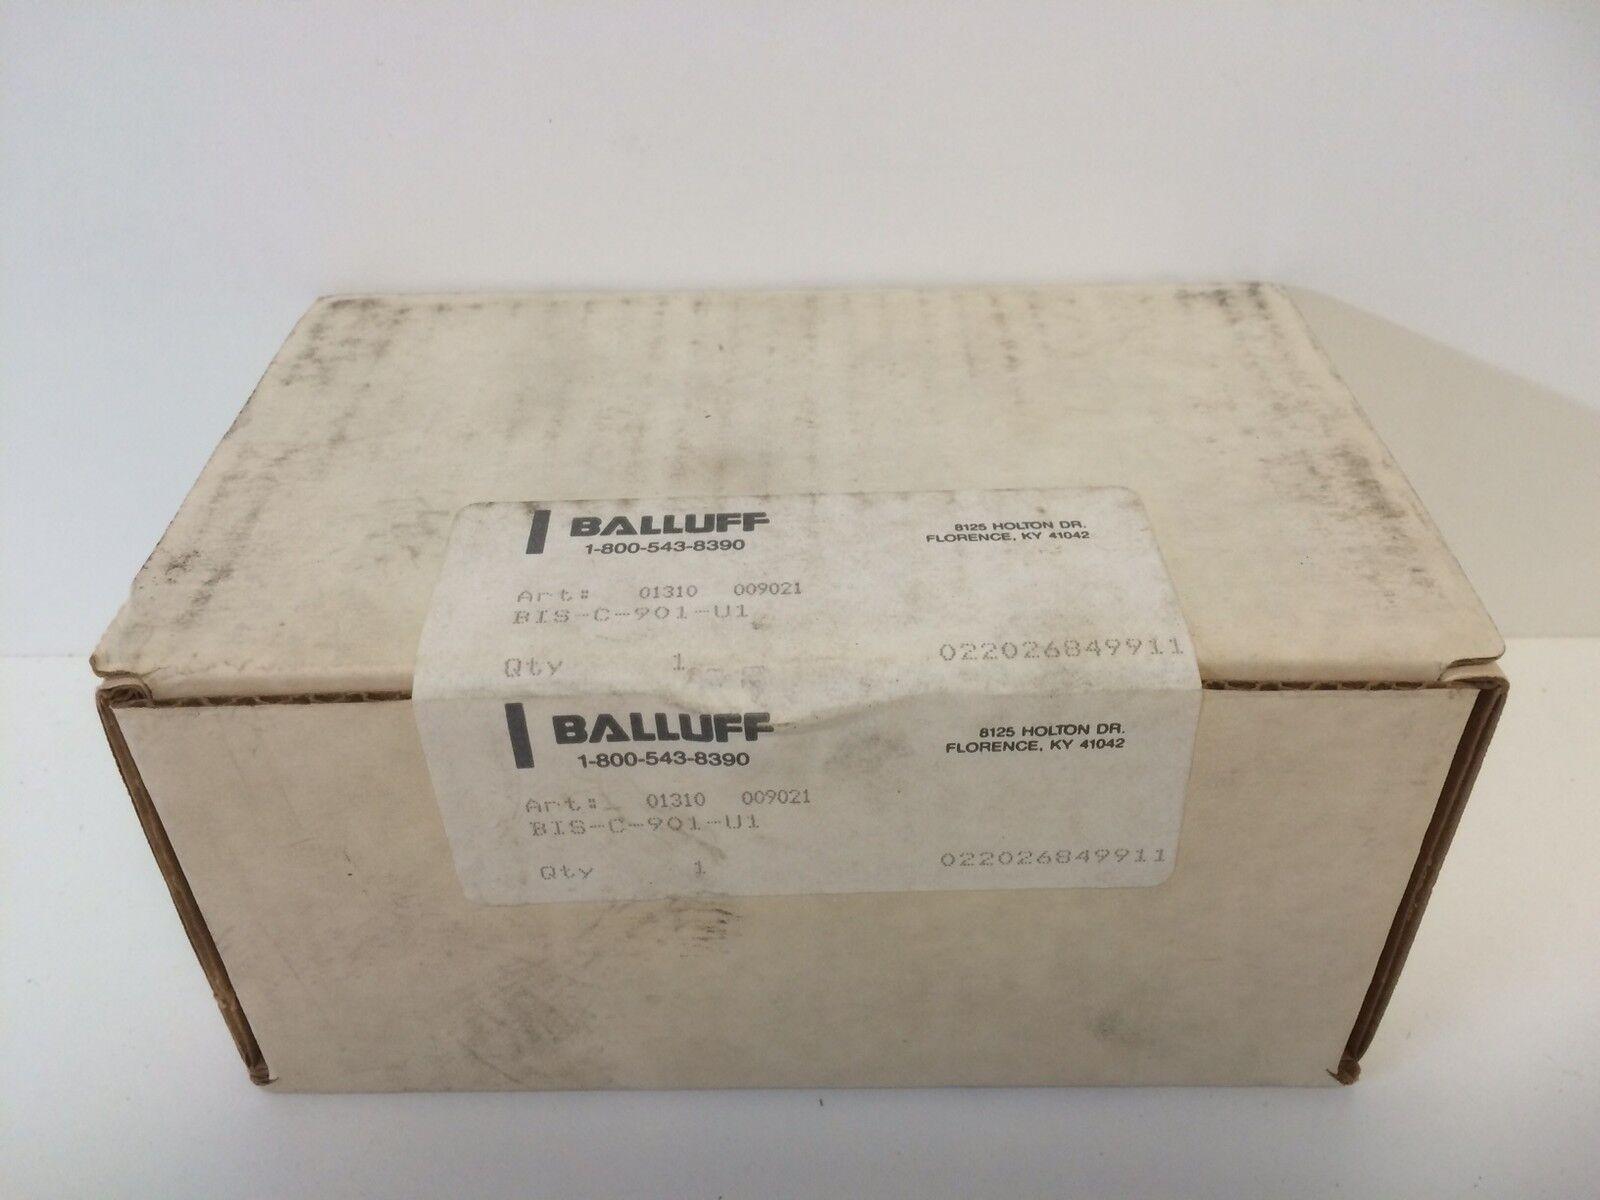 Nuevo Sellado De Fábrica Balluff 01310 sistema de preamplificador bis-c-901-u1 01310 Balluff 009021 a2b20b